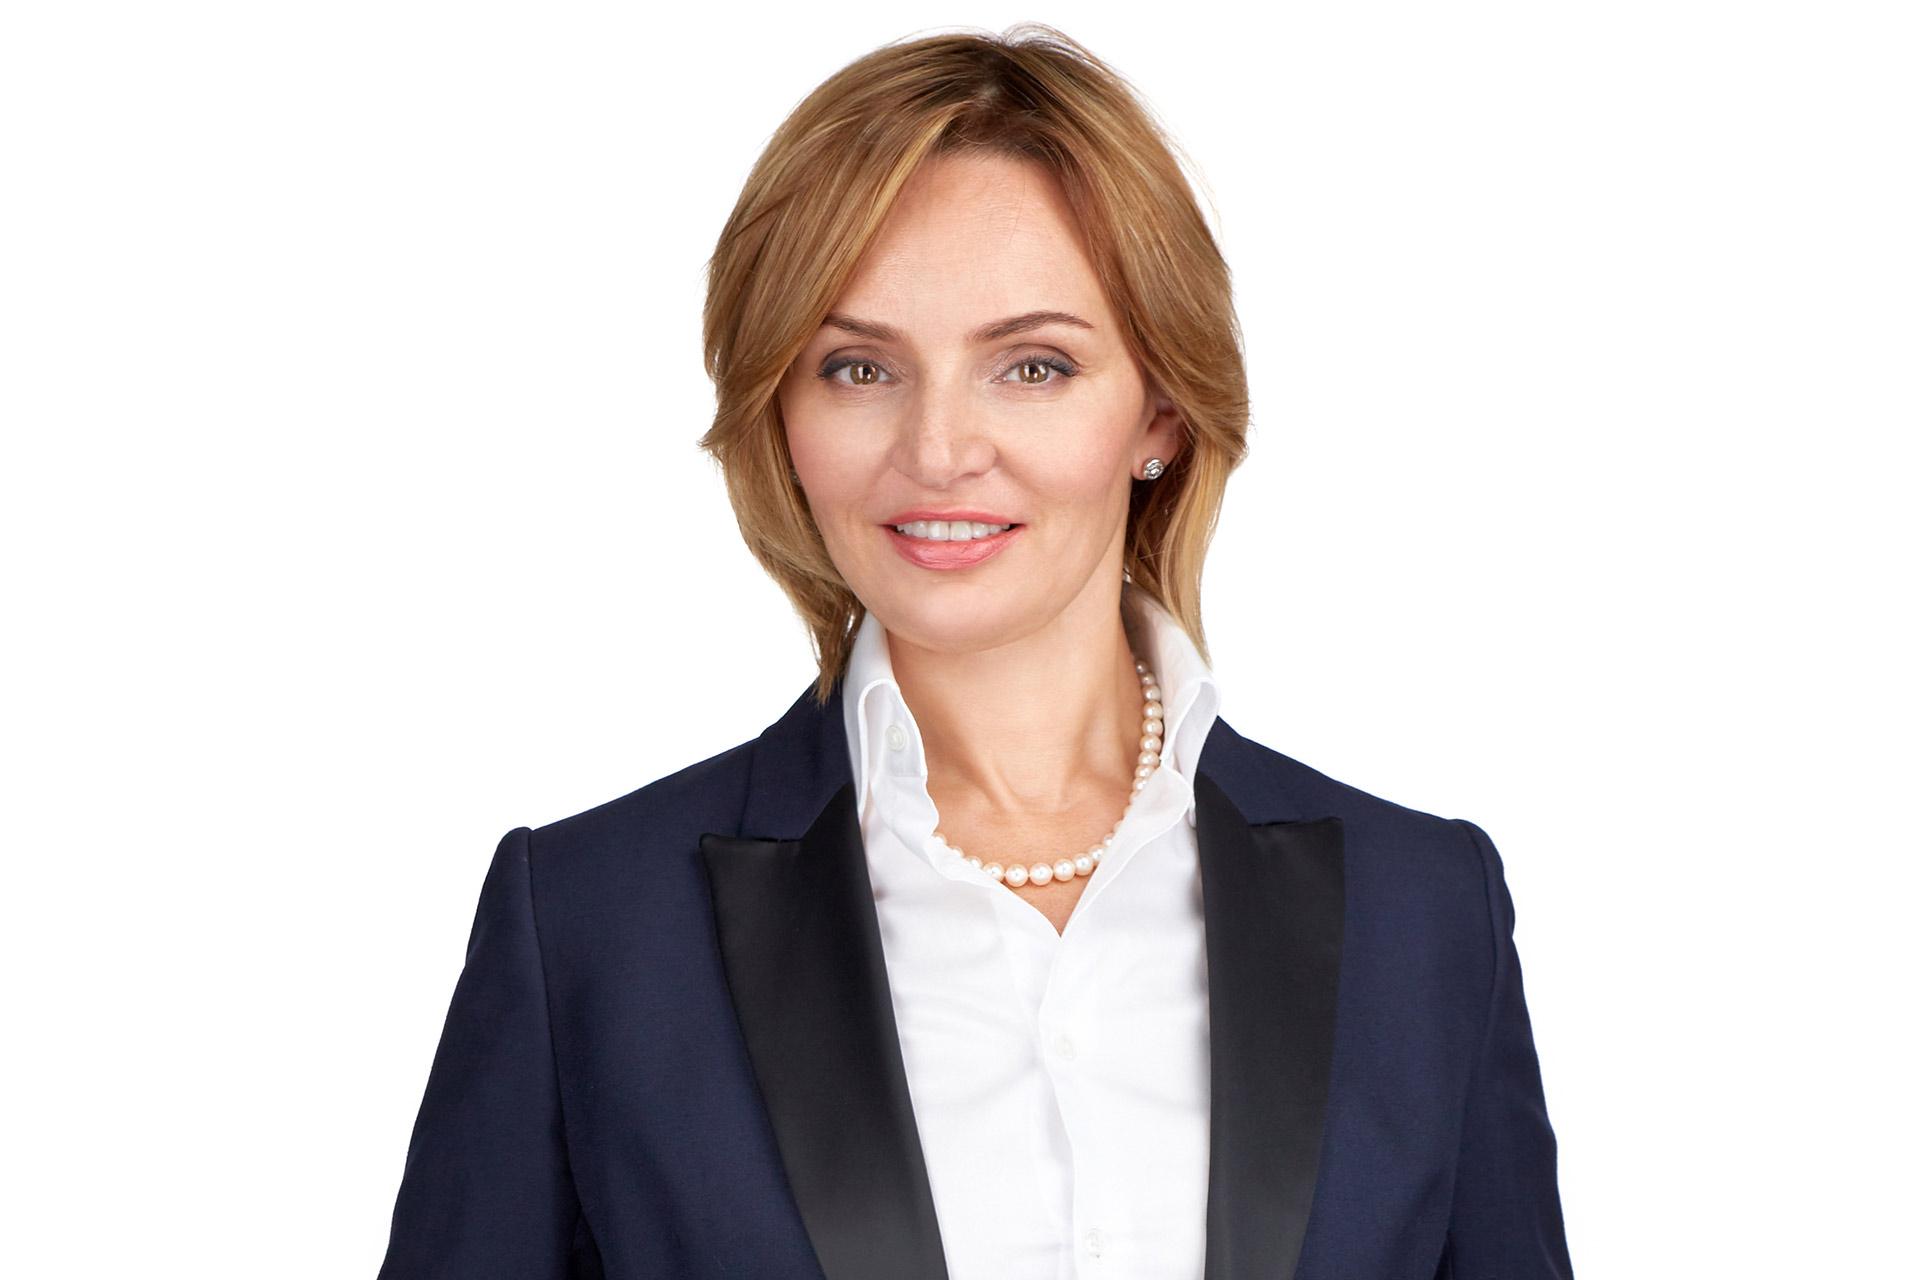 Оксана Деревянко-Гоззи - ведущий международный эксперт по созданию харизмы в деловой коммуникации